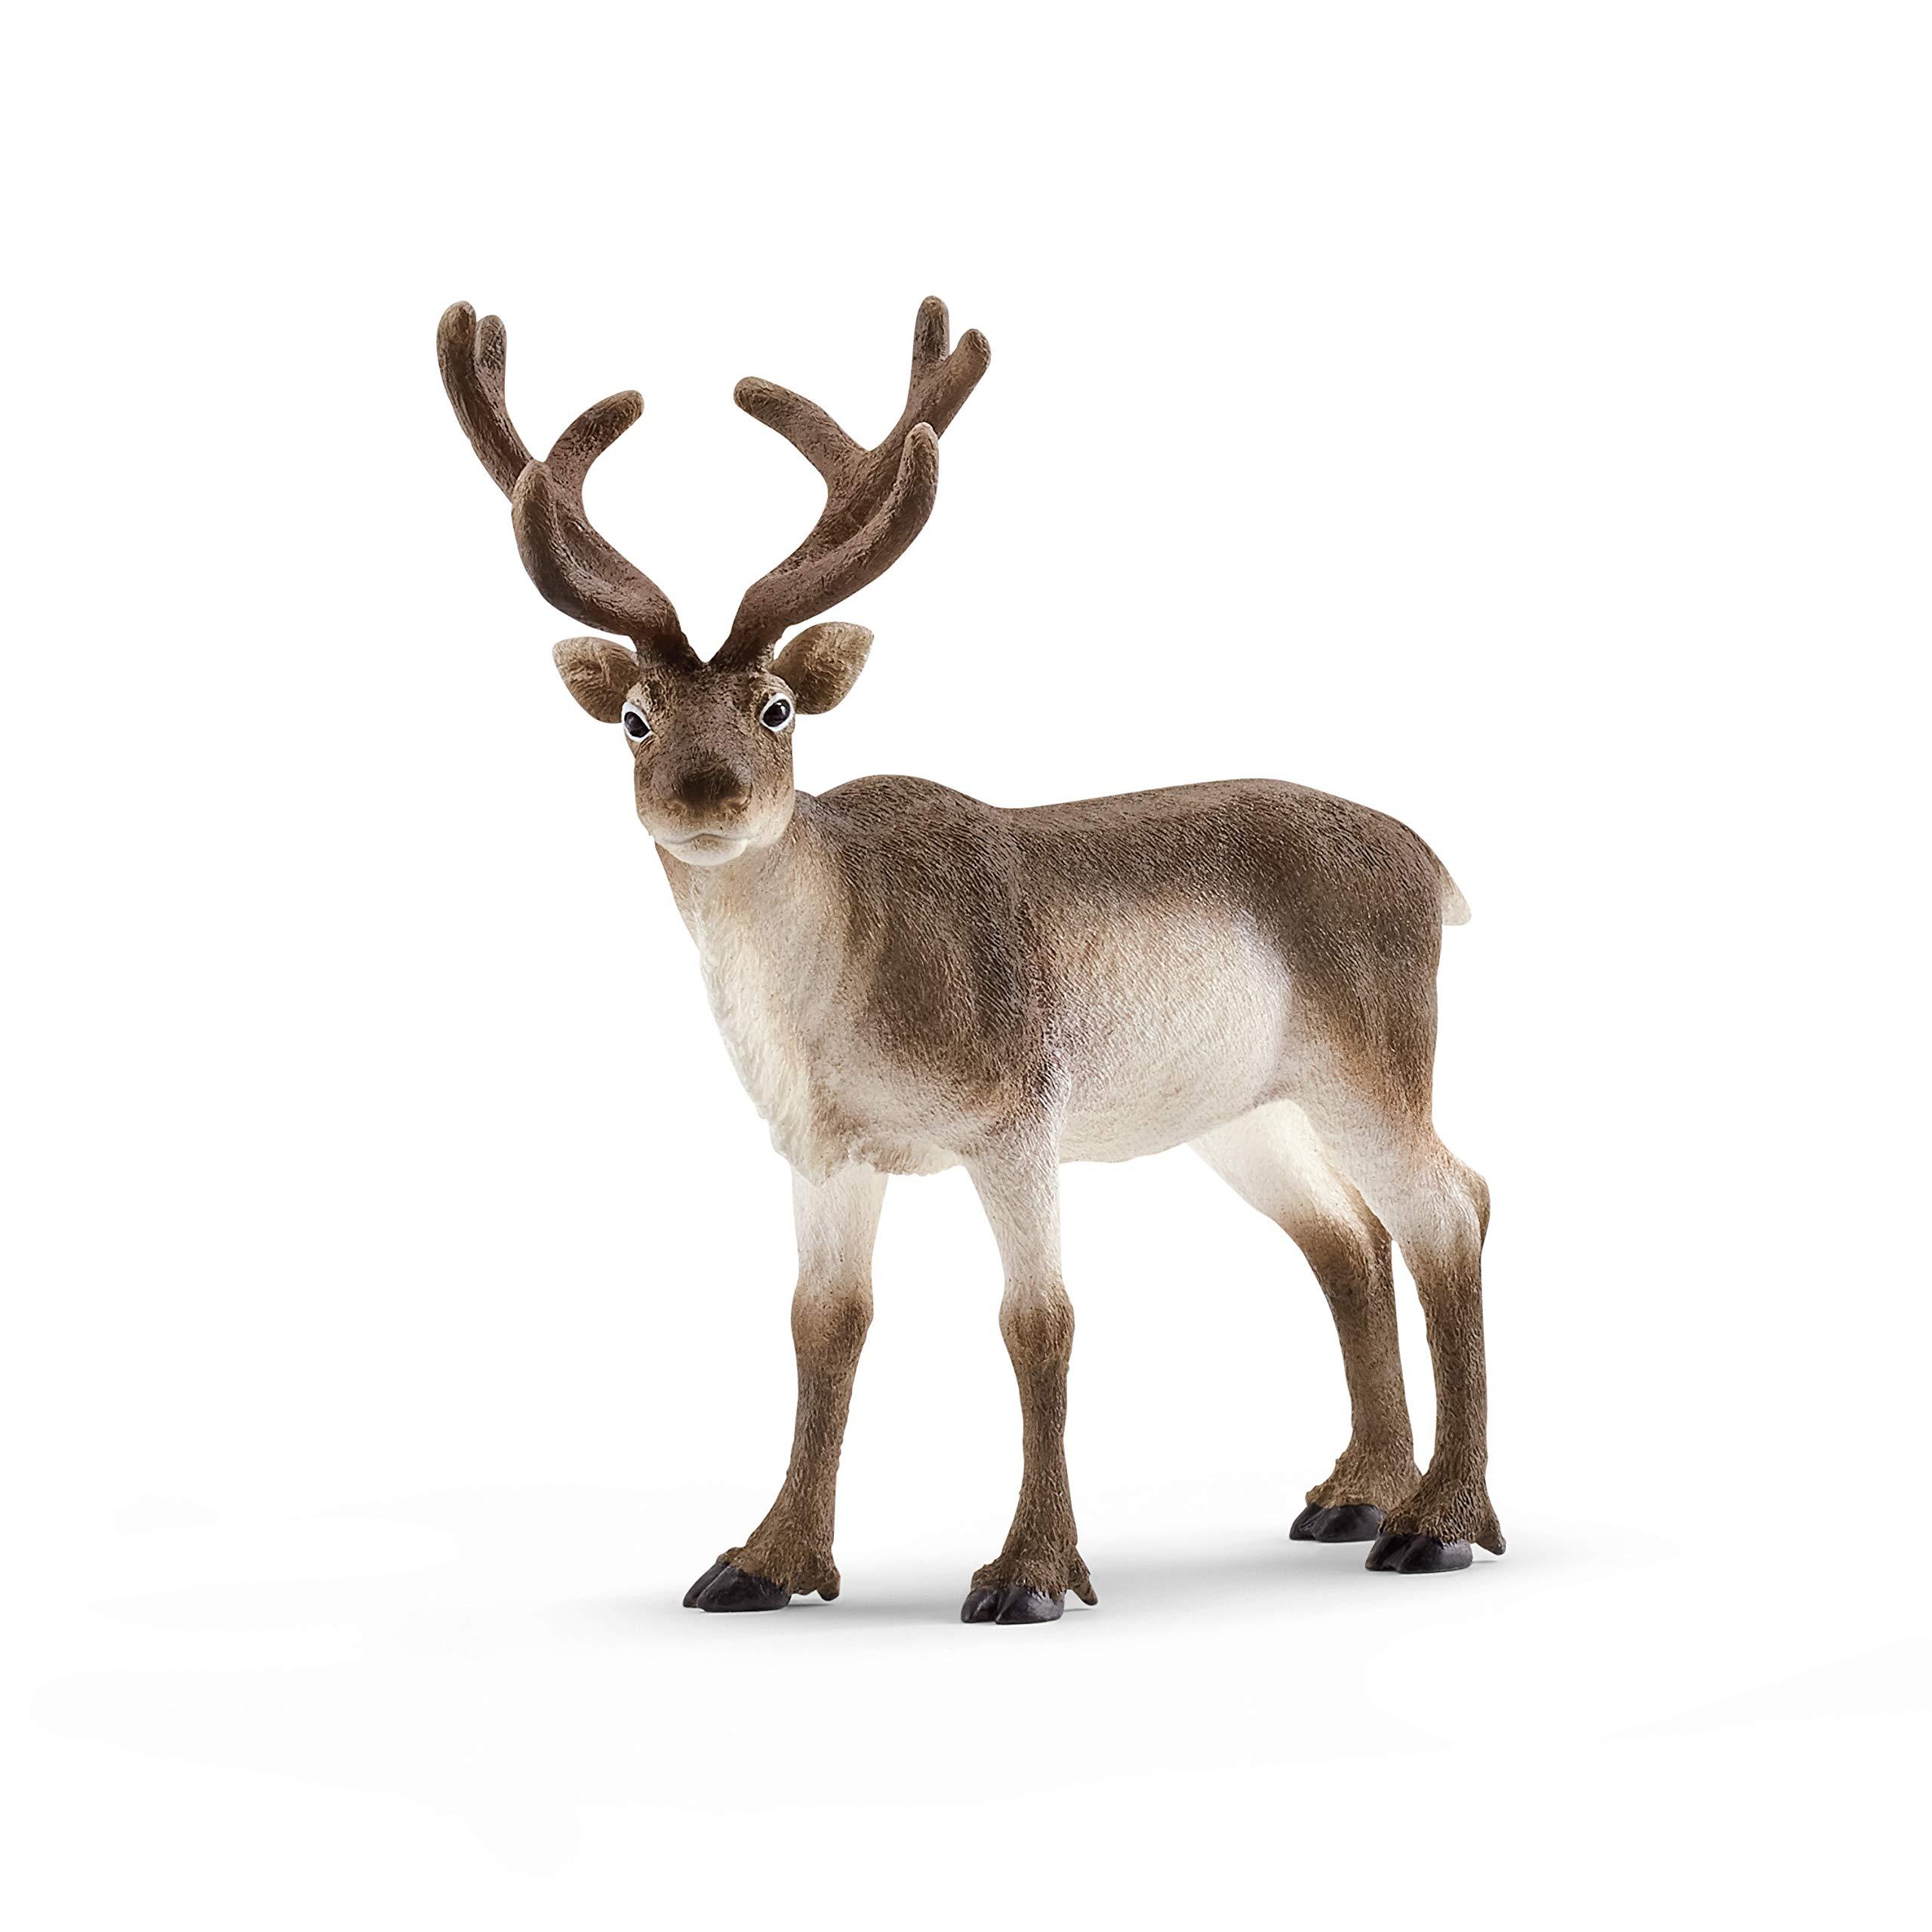 Schleich 14837 Reindeer Wild Life